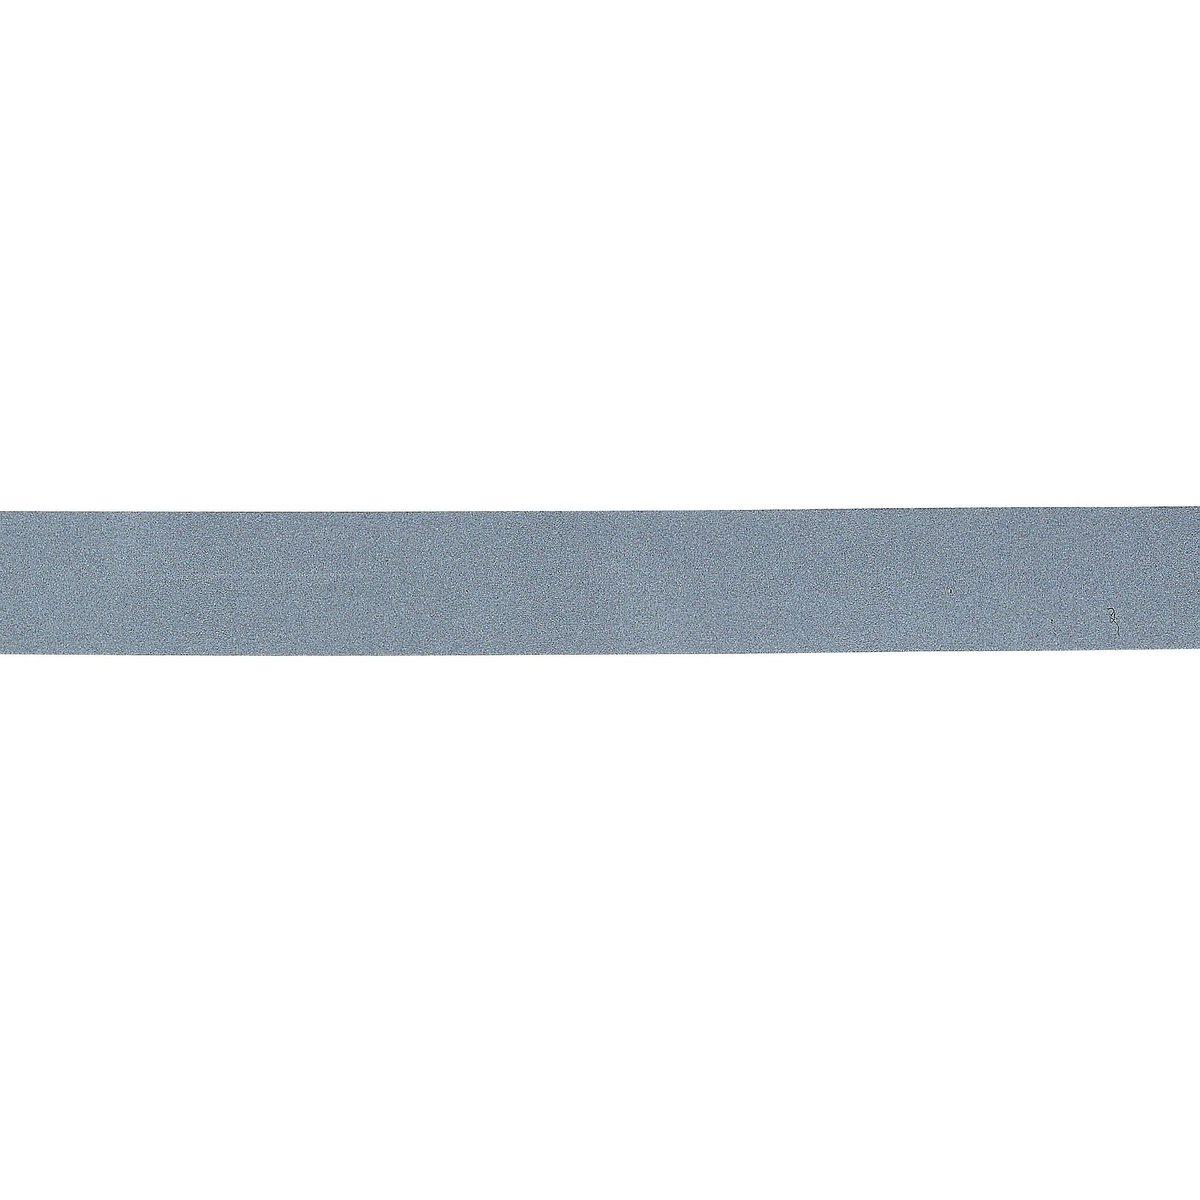 selvklebende refleks bånd 25mm